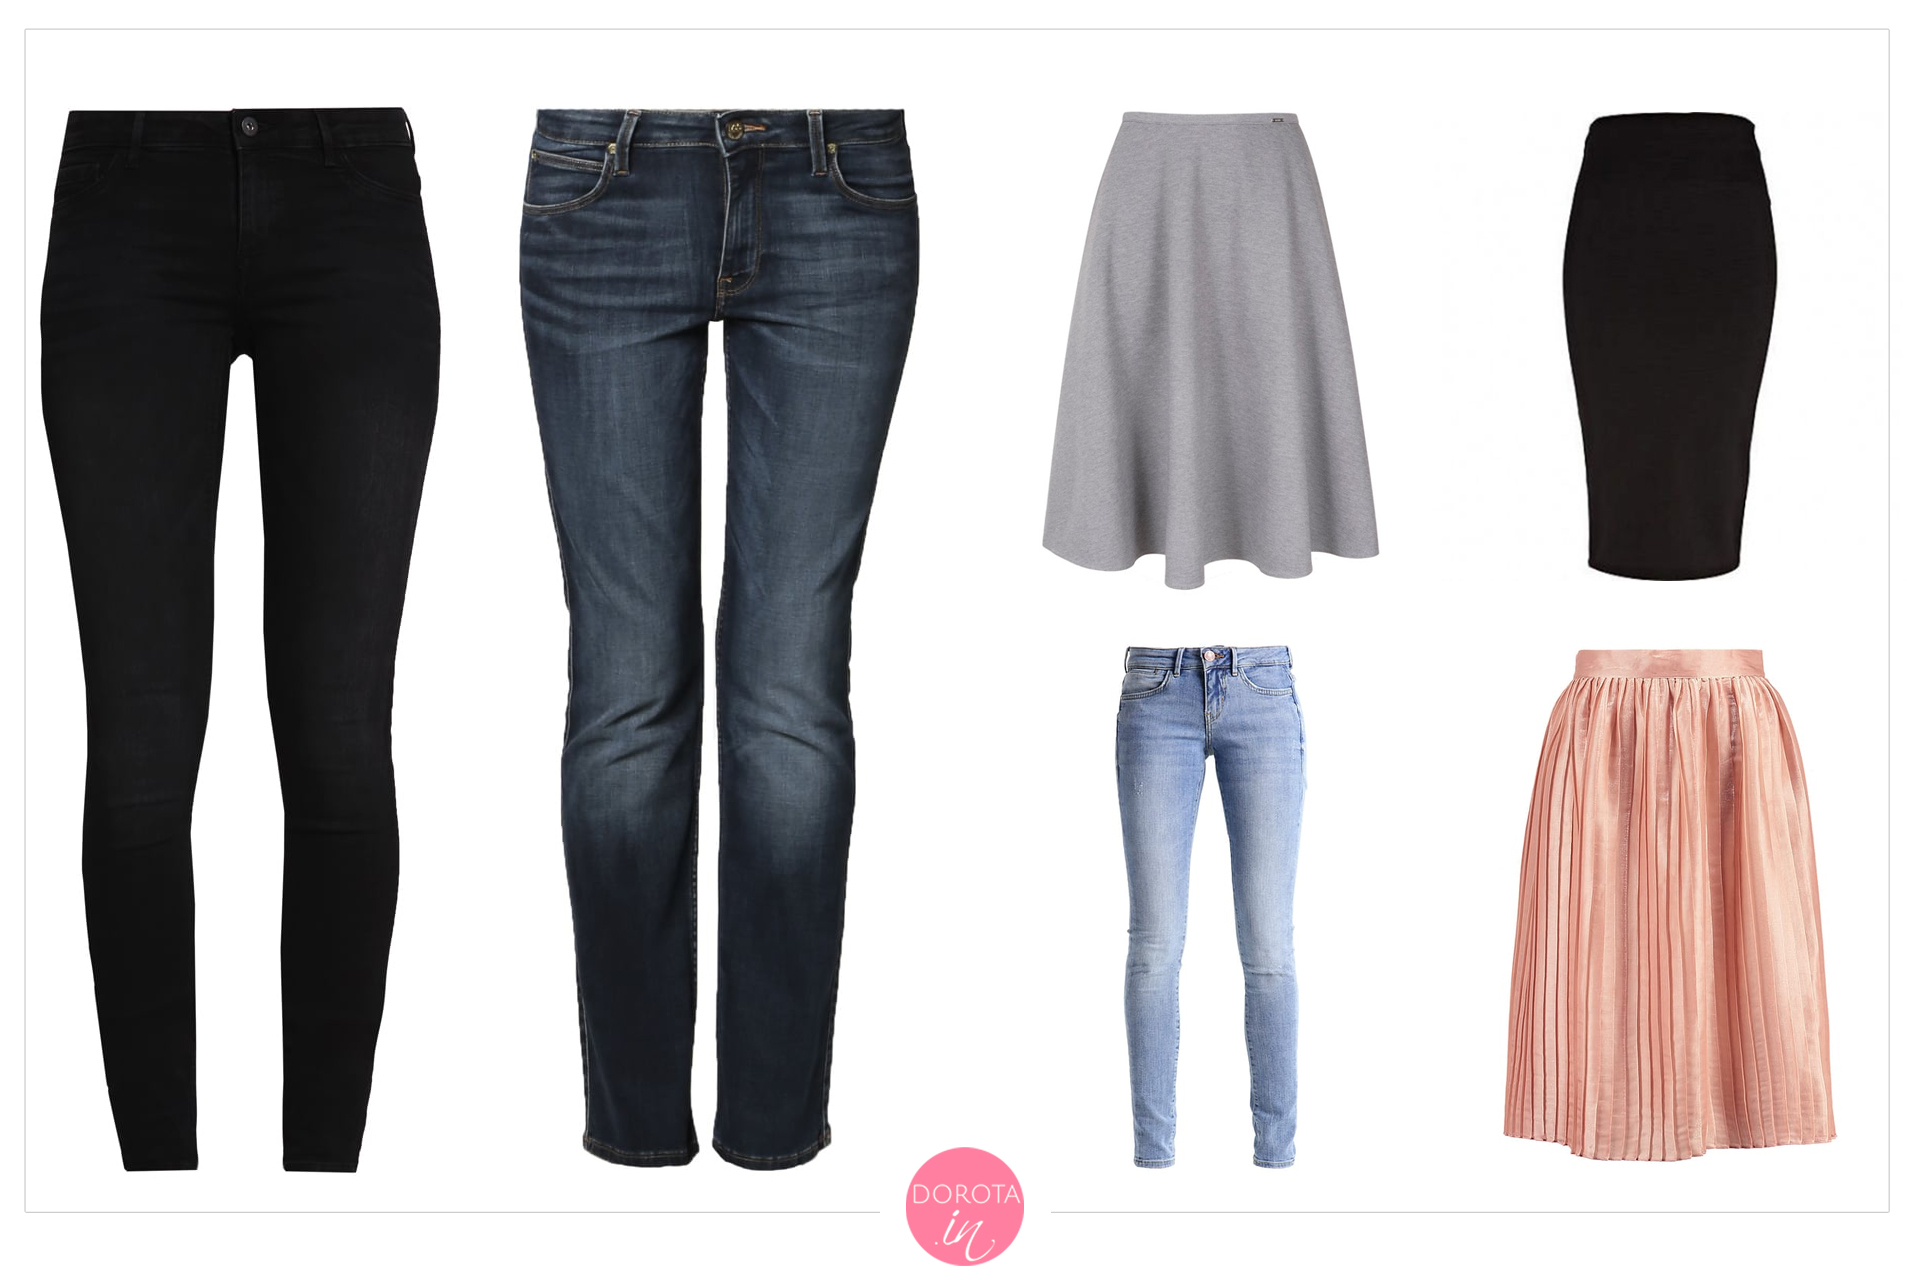 Spodnie i spódnice na wiosnę - garderoba kapsułowa